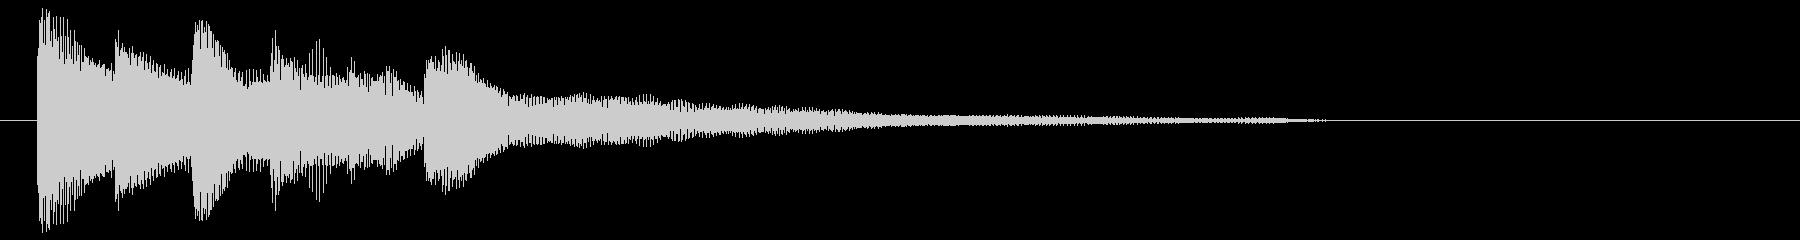 抜けの良いピアノによるワンフレーズの未再生の波形